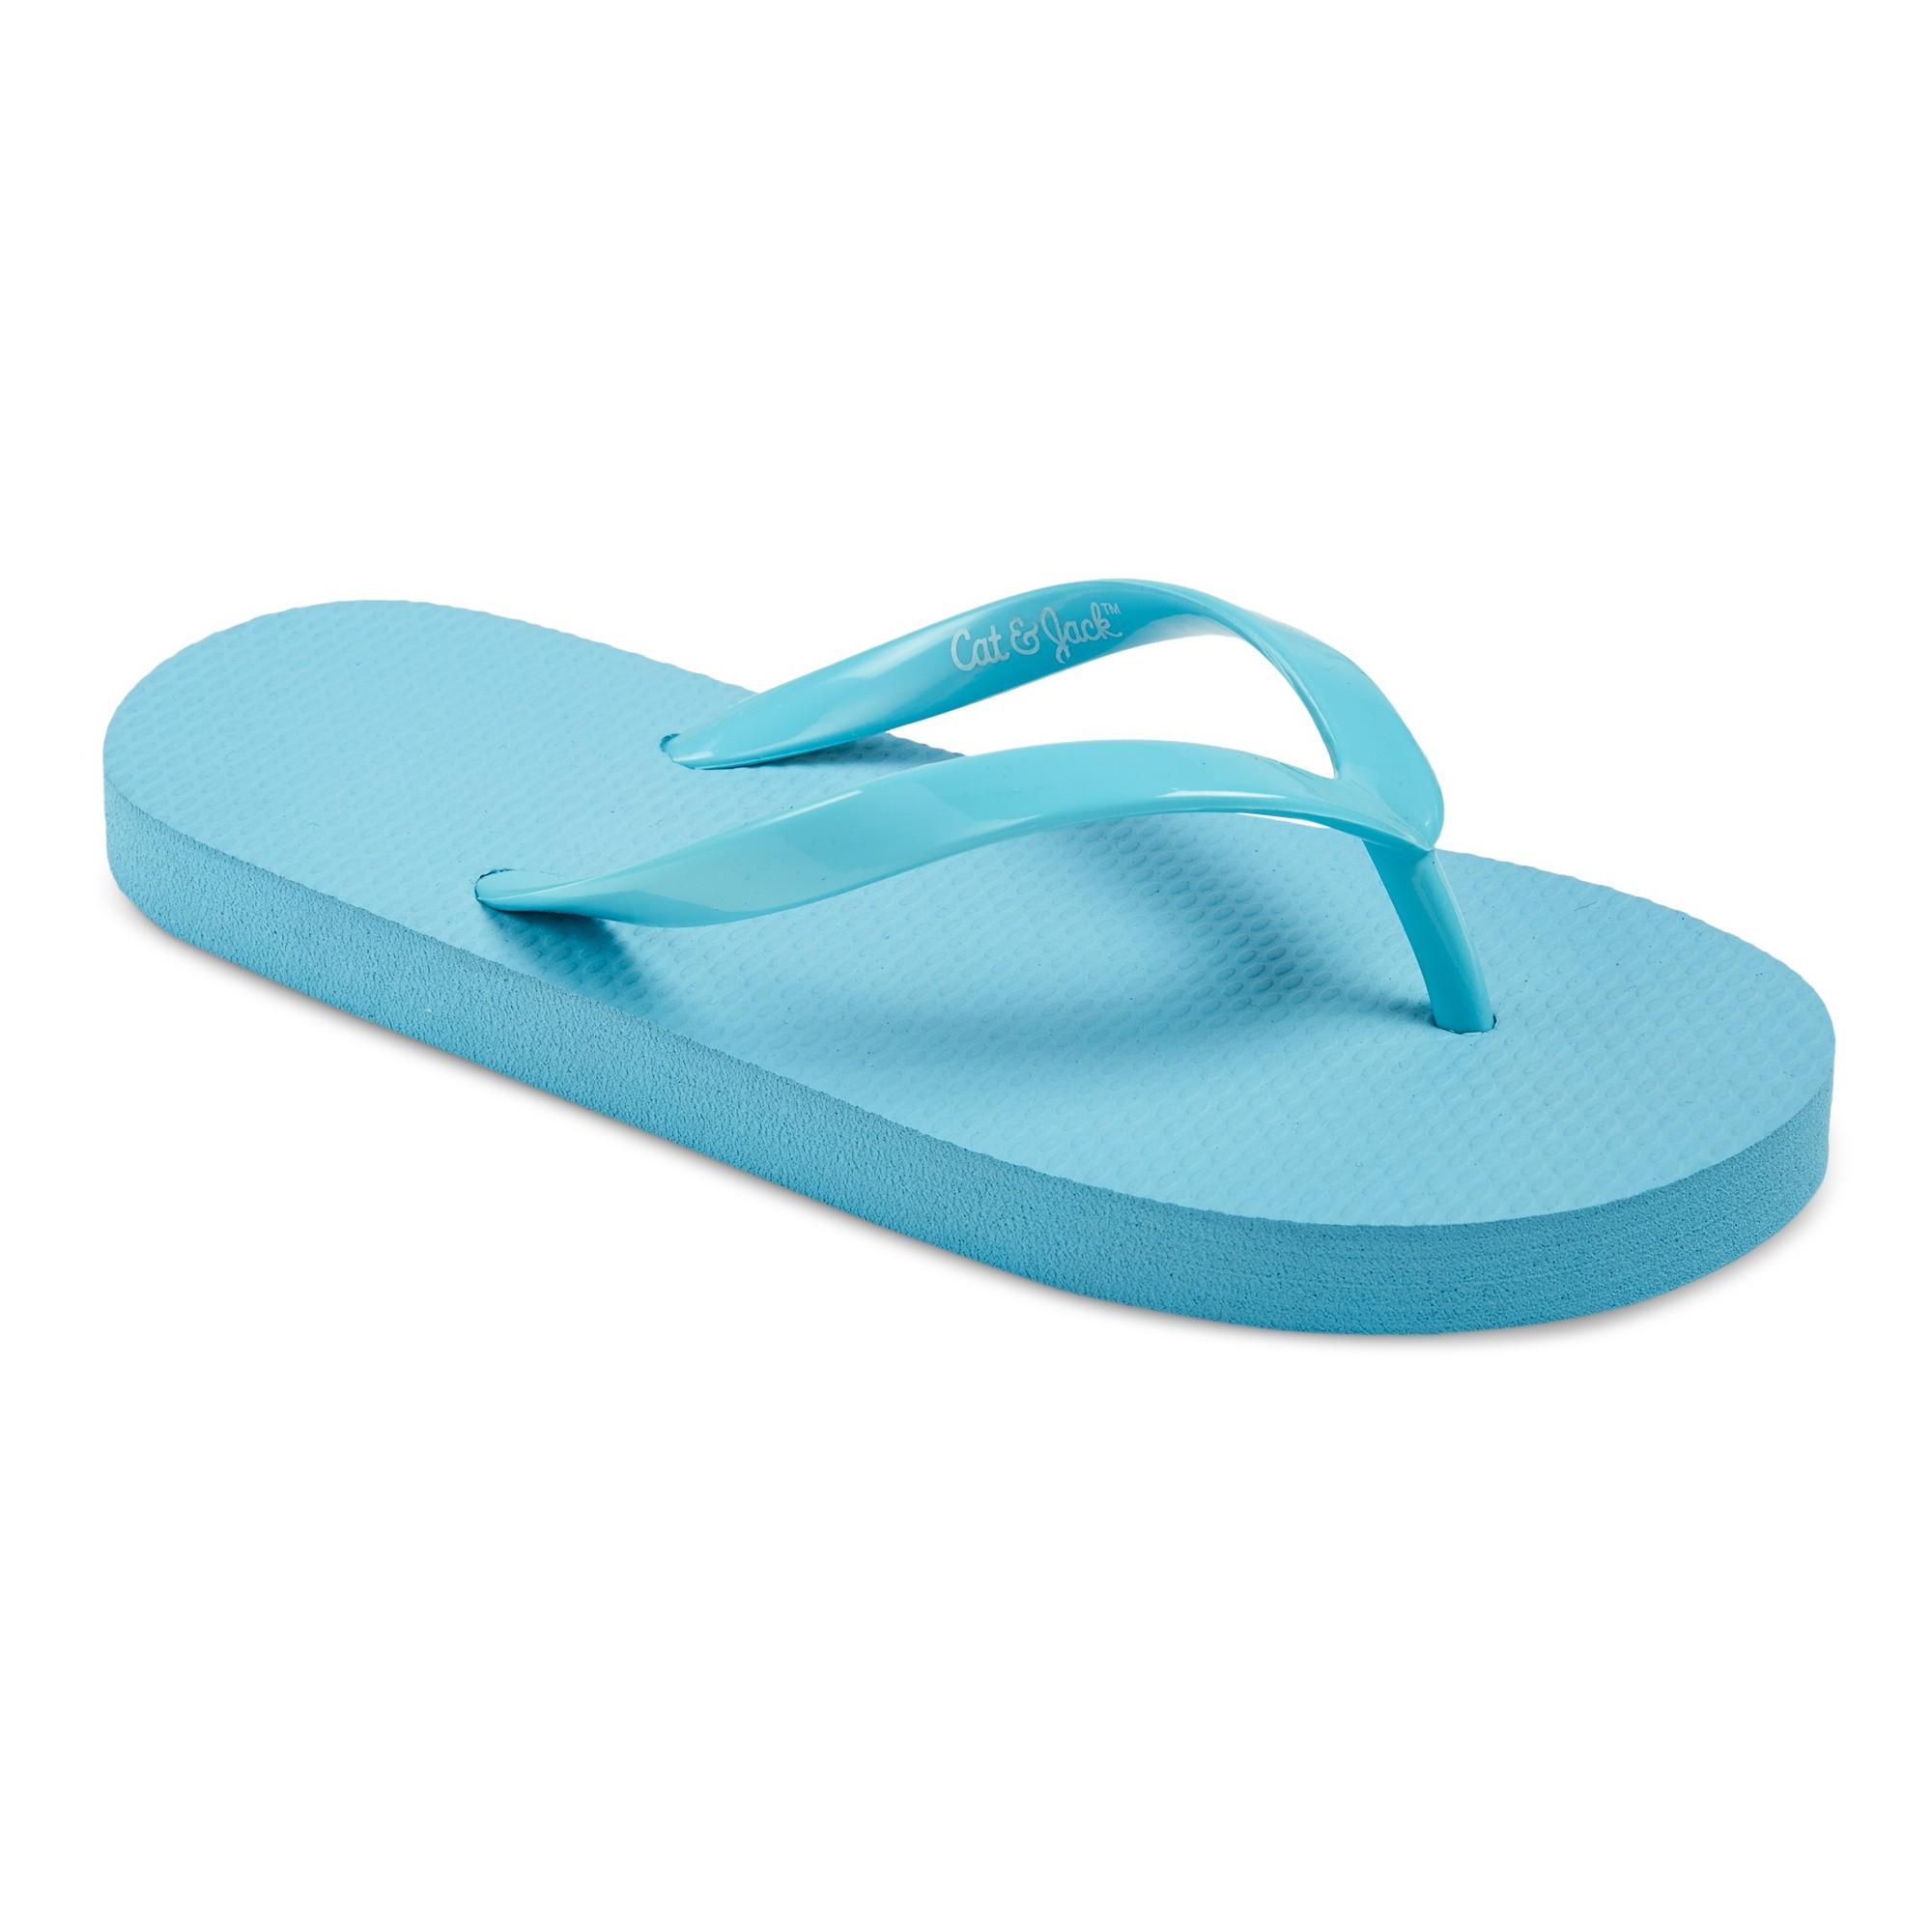 86418a507ce Girls  Hilary Flip Flop Sandals Cat   Jack - Turquoise XL